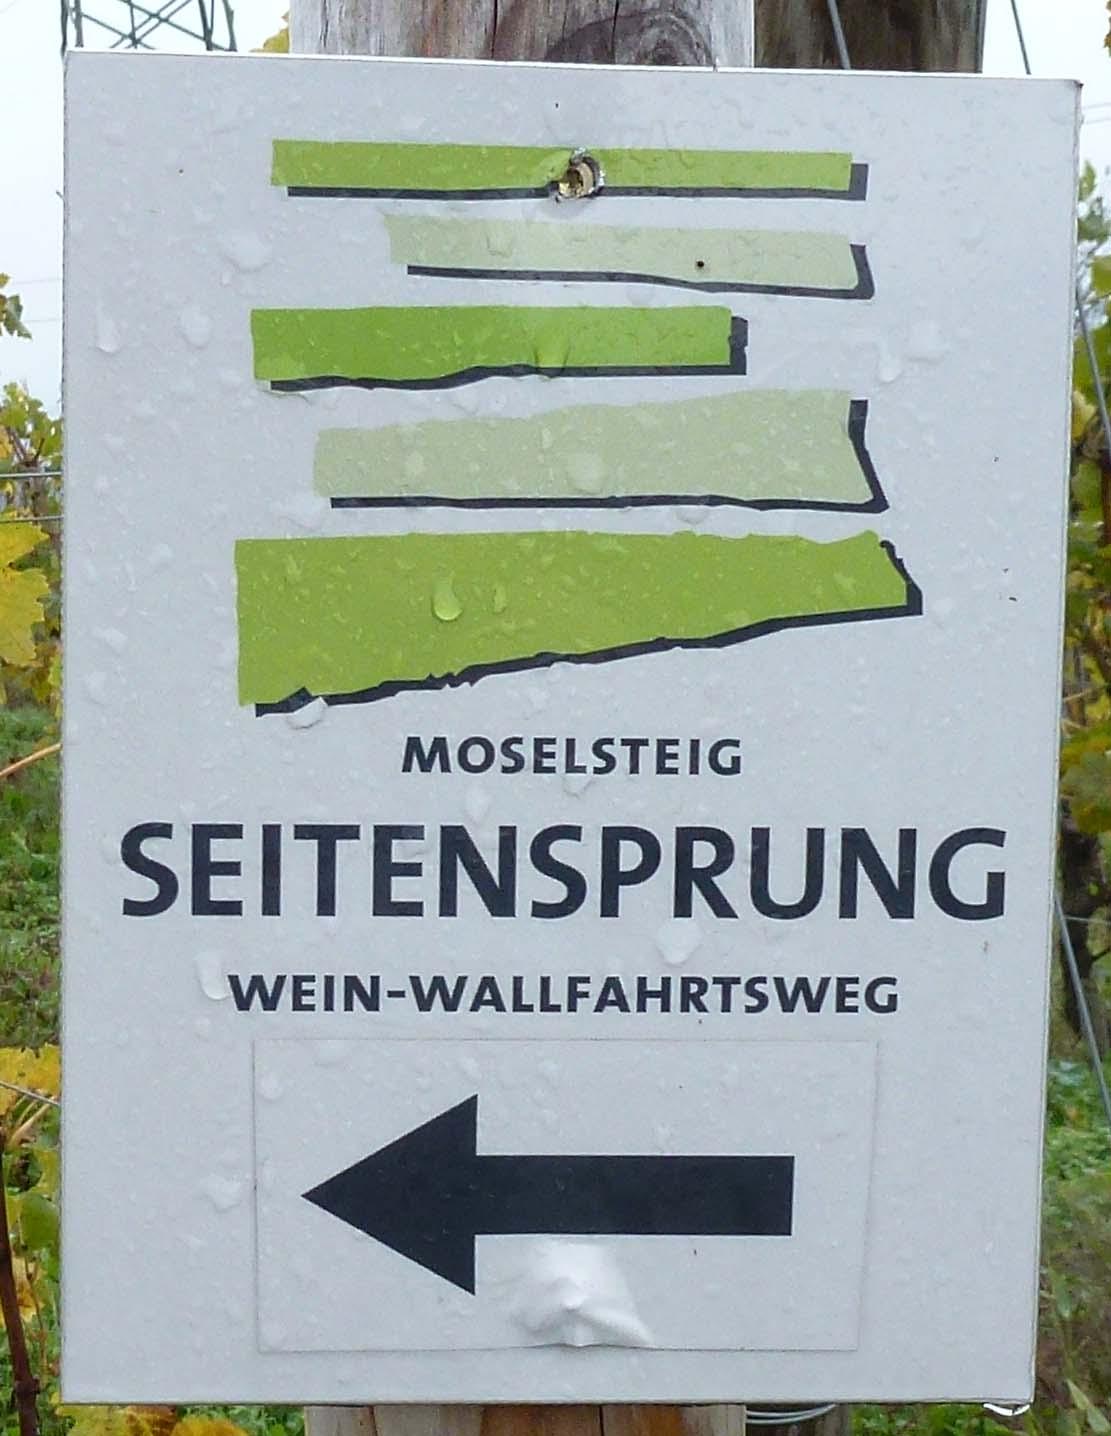 Wein-Wallfahrtsweg